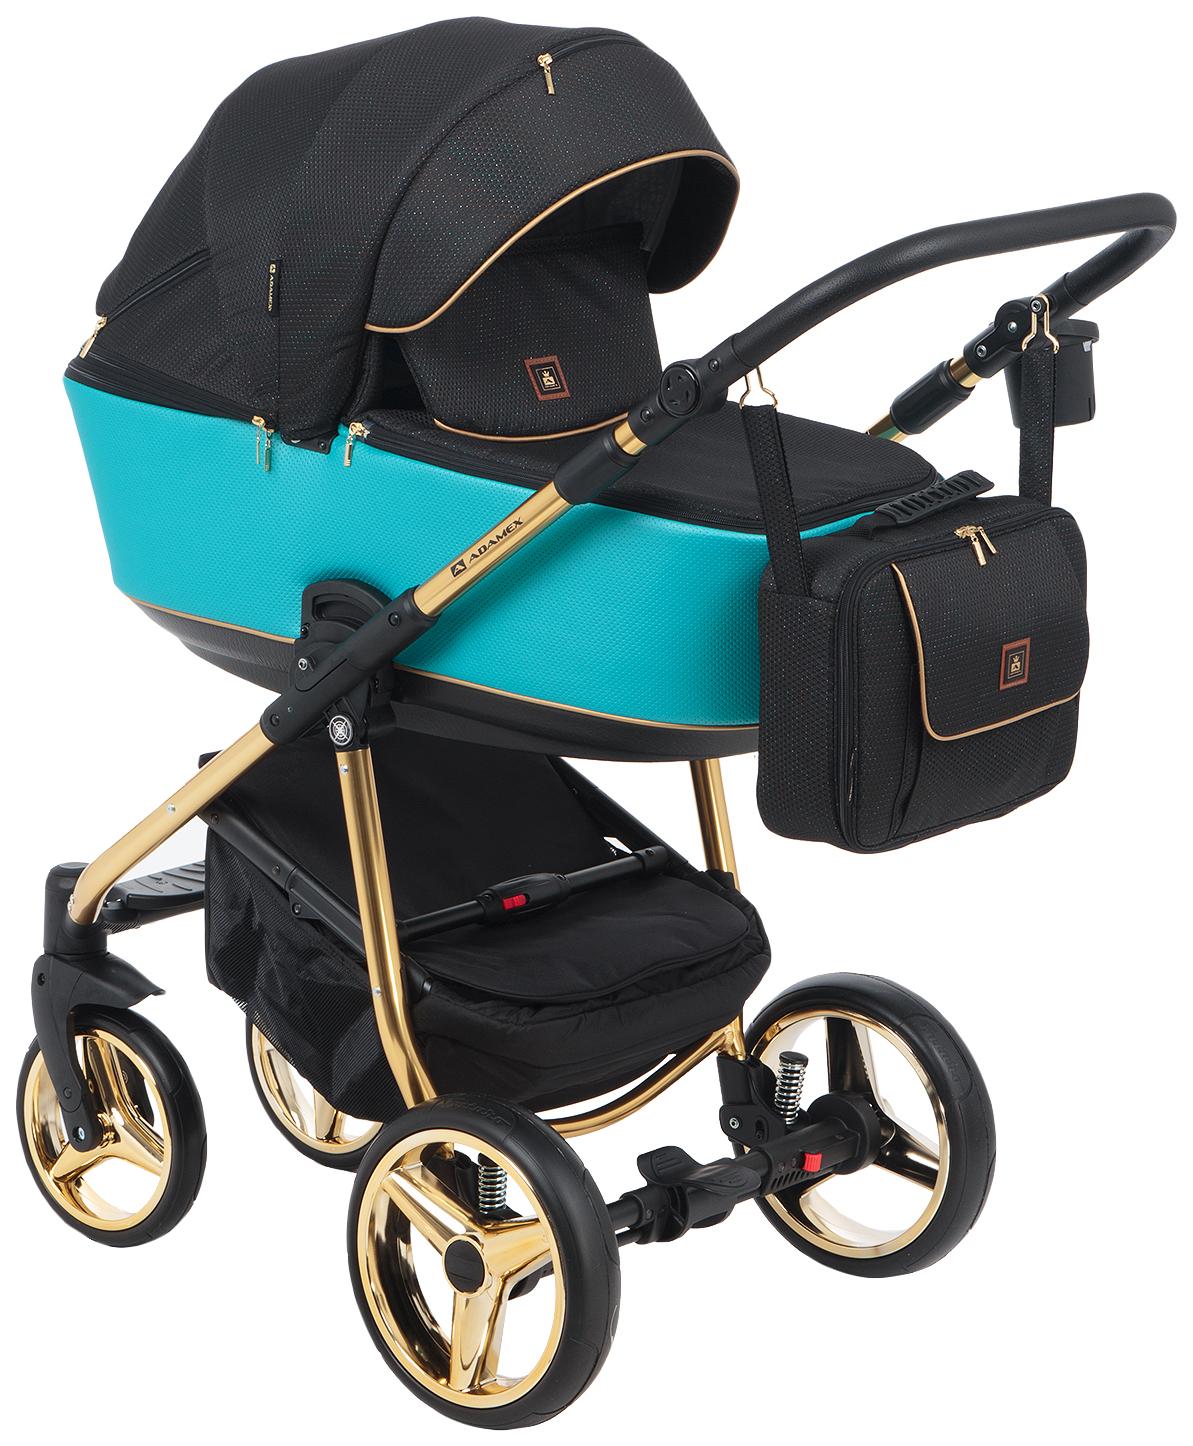 Купить Коляска 2 в 1 Adamex Barcelona Special Edition BR-608 цвет бирюзово-черный, Детские коляски 2 в 1